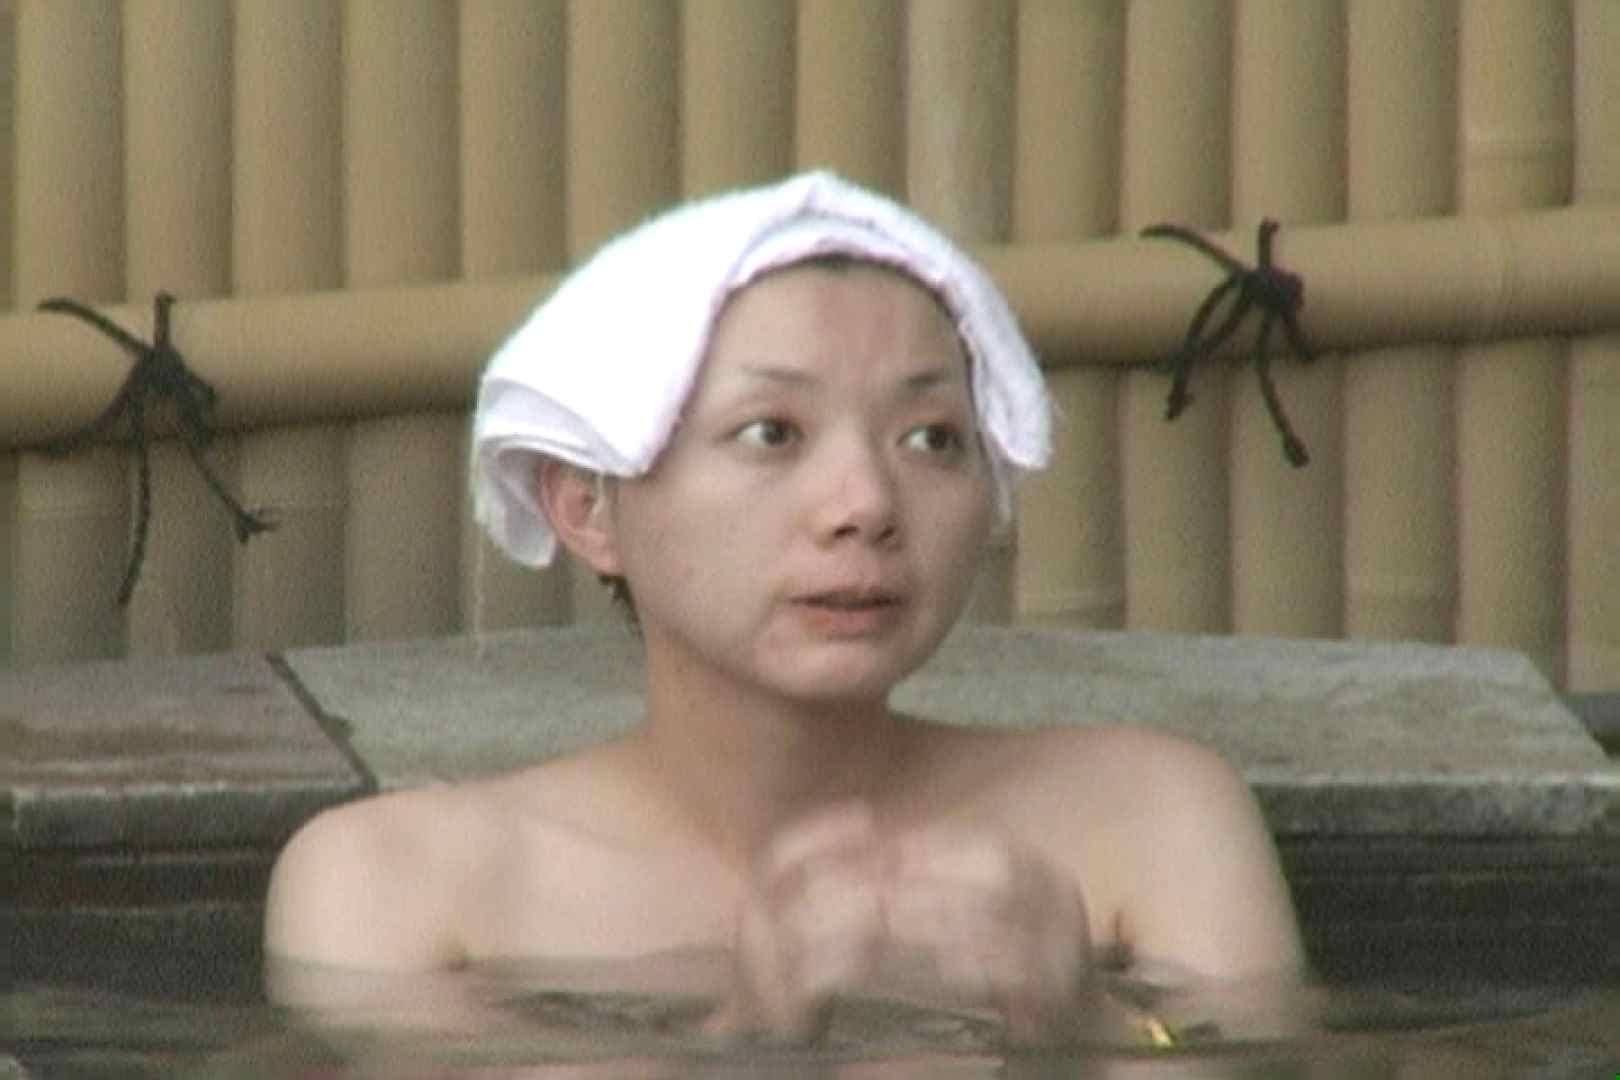 Aquaな露天風呂Vol.630 OLエロ画像  110PICs 87